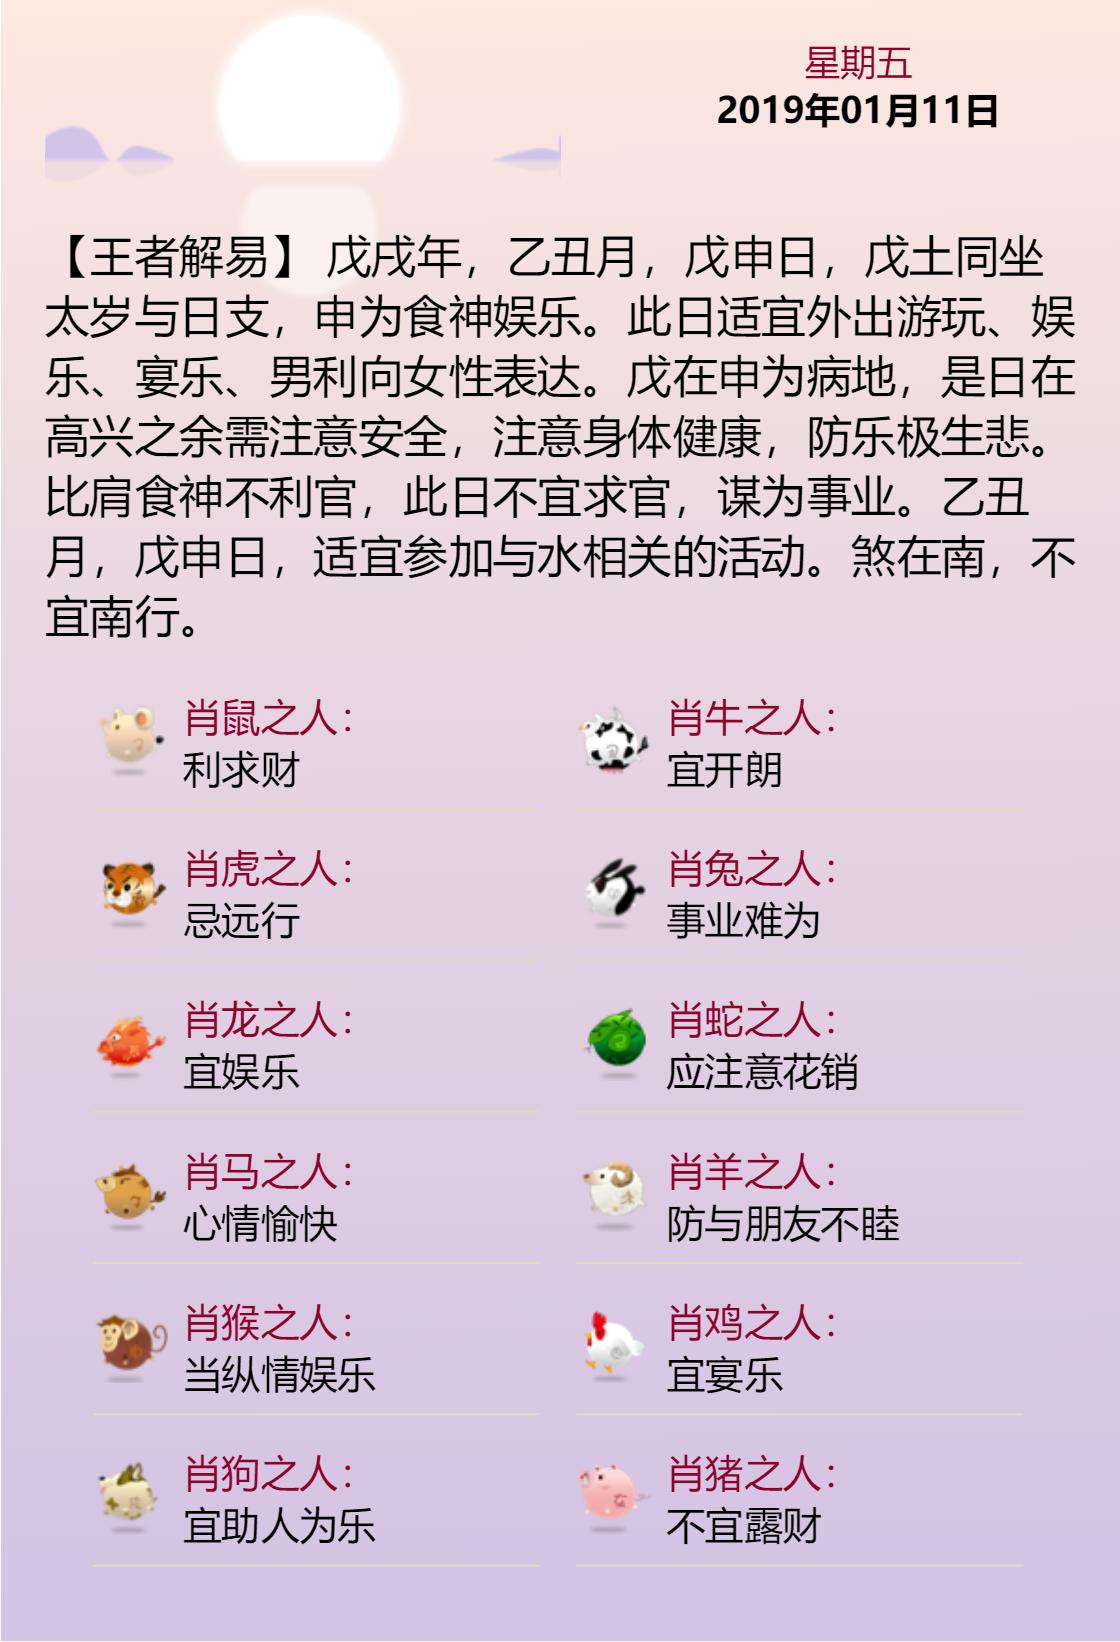 黄历海报20190111.png